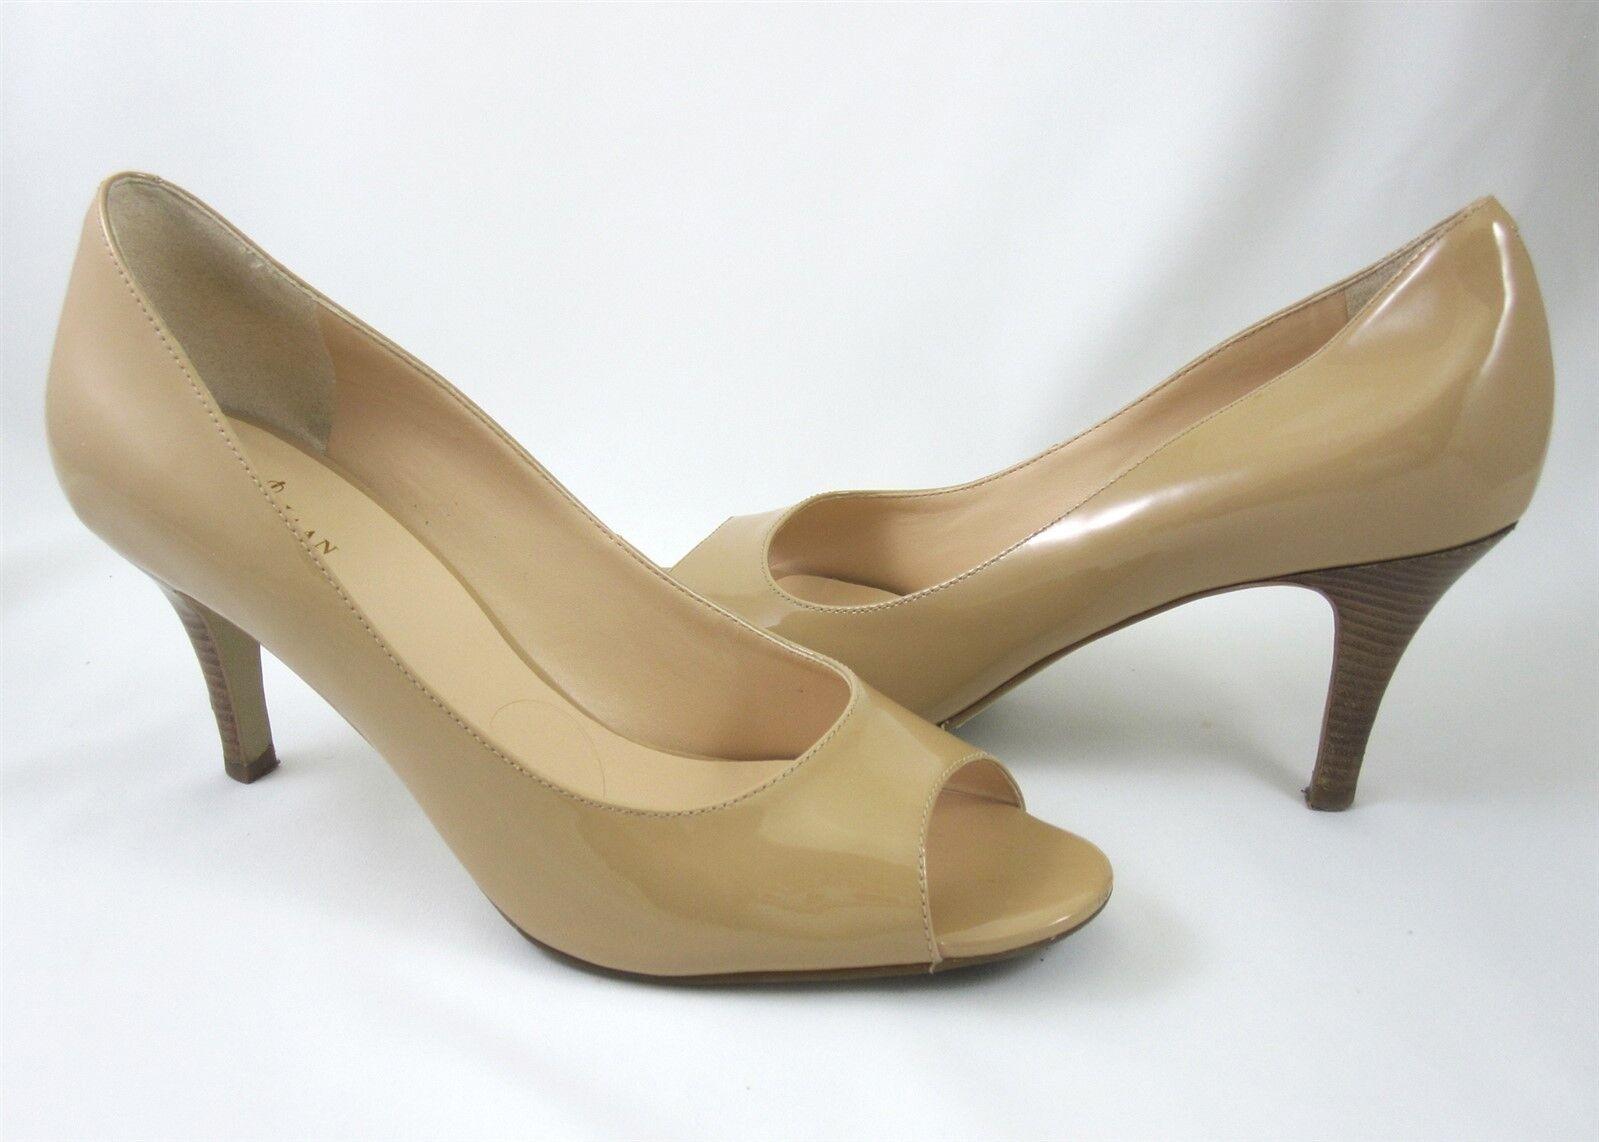 Cole Haan Aire Lainey 8.5 B arenisca Nude Nude Nude Charol Zapatos De Salón Abierto Dedos de los pies  Entrega gratuita y rápida disponible.